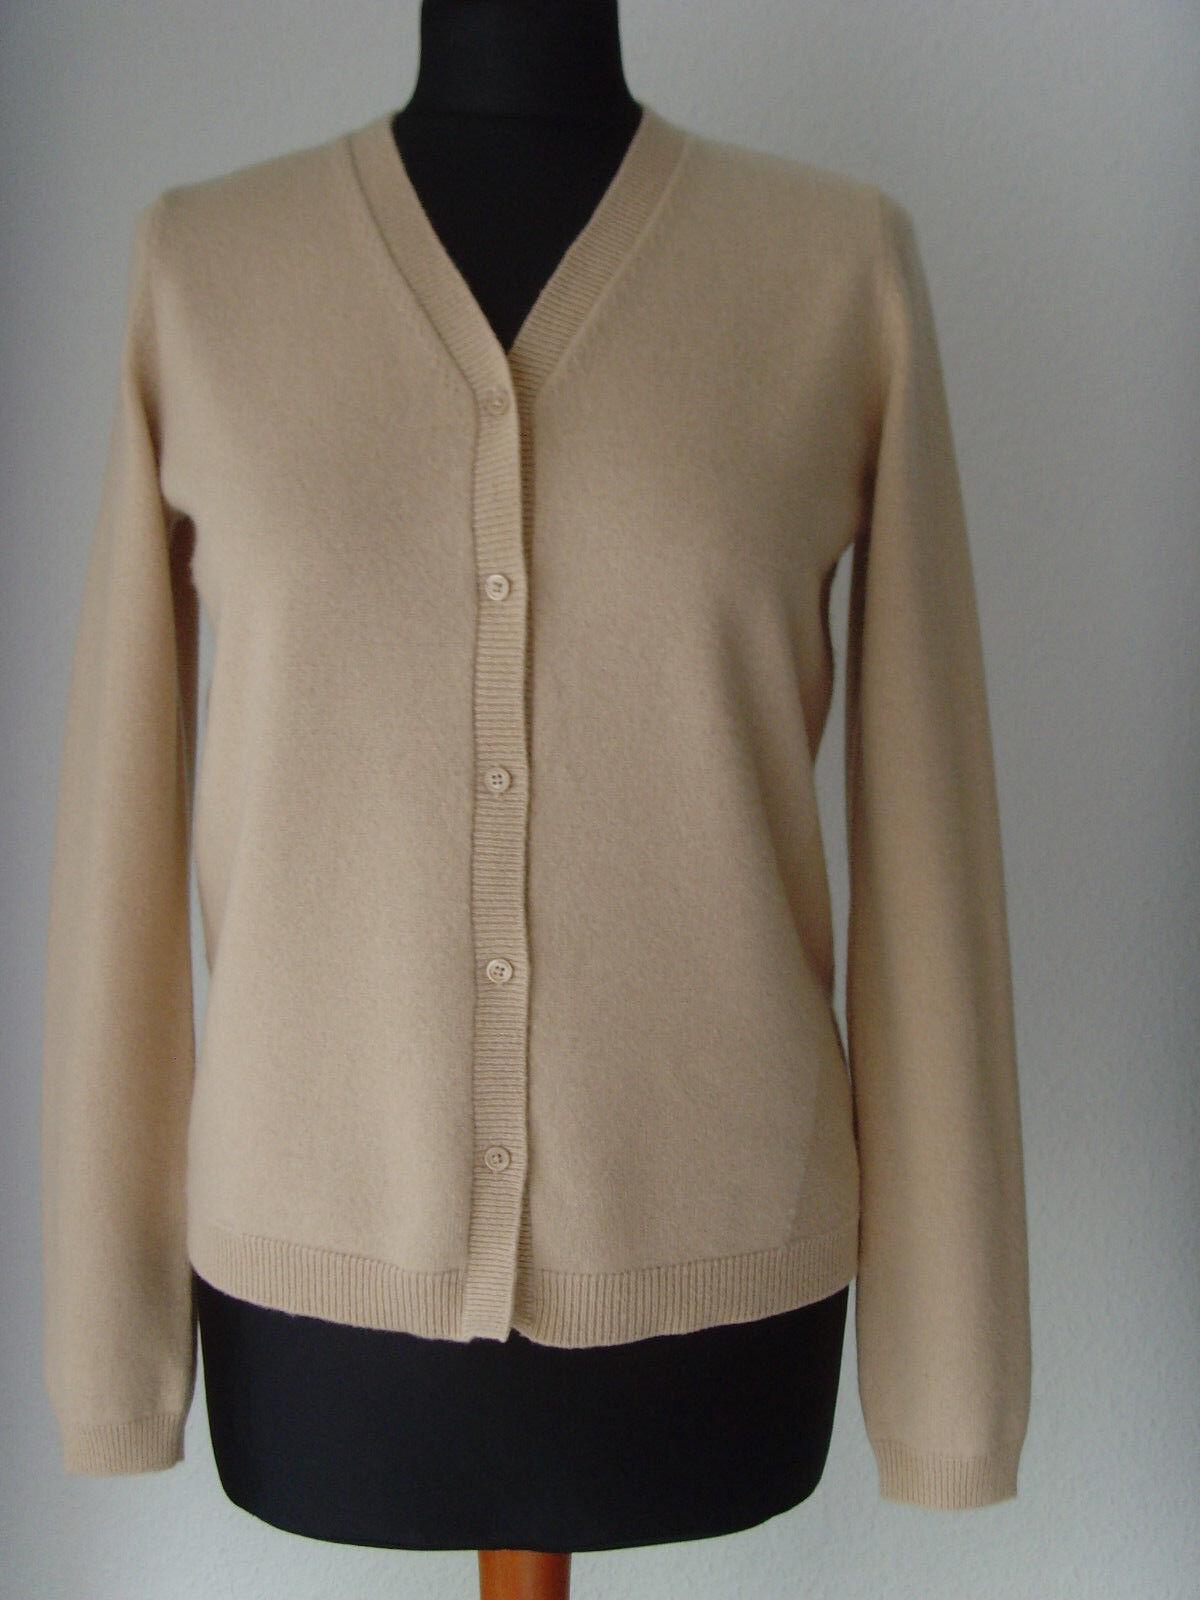 Strickjacke - 100% Cashmere - Luxus Marke - Original SCHUMACHER  - Gr.2 S